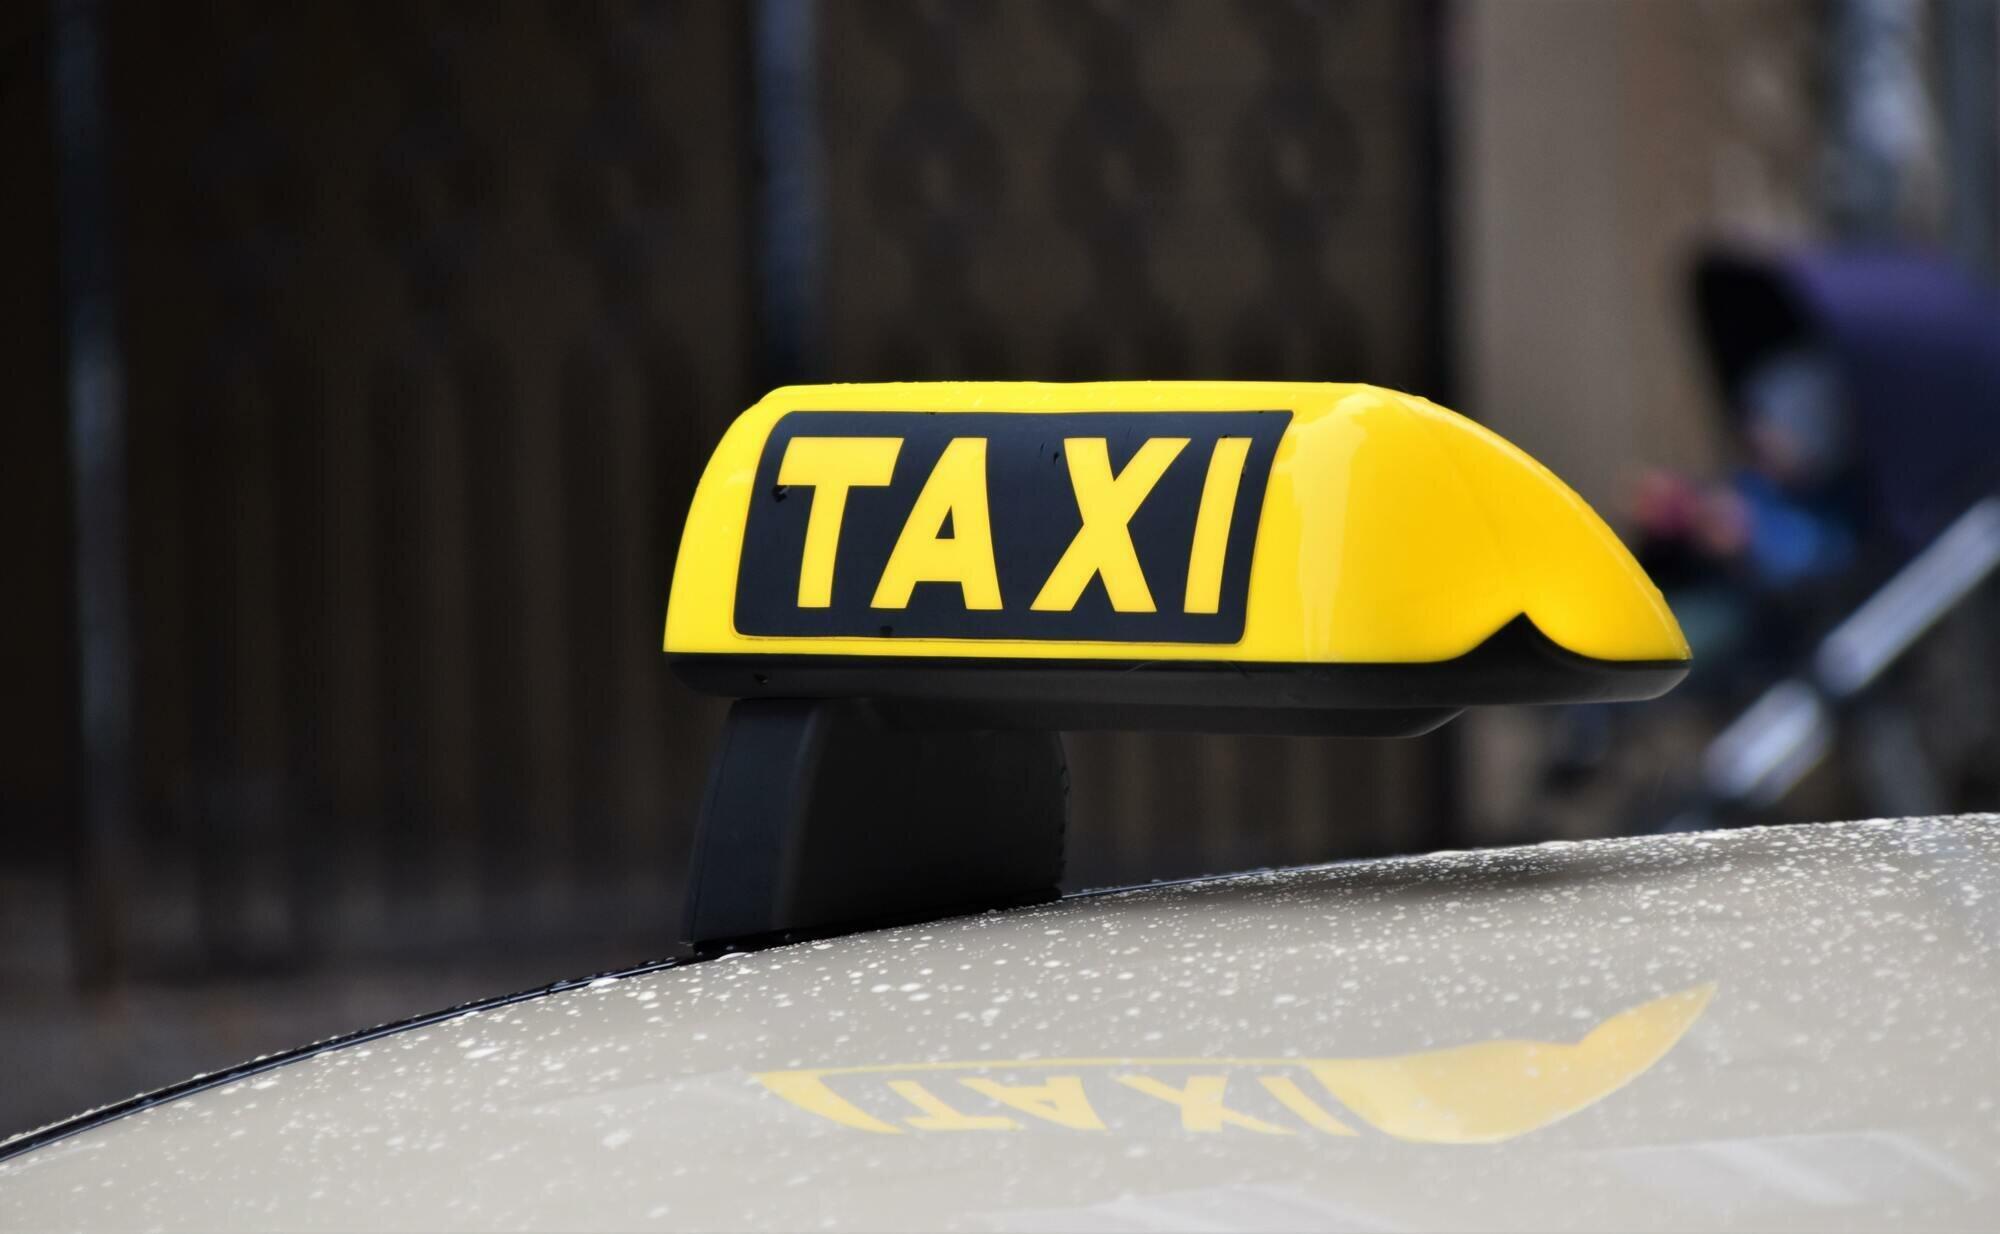 Подержанный автомобиль мог раньше использоваться, как такси